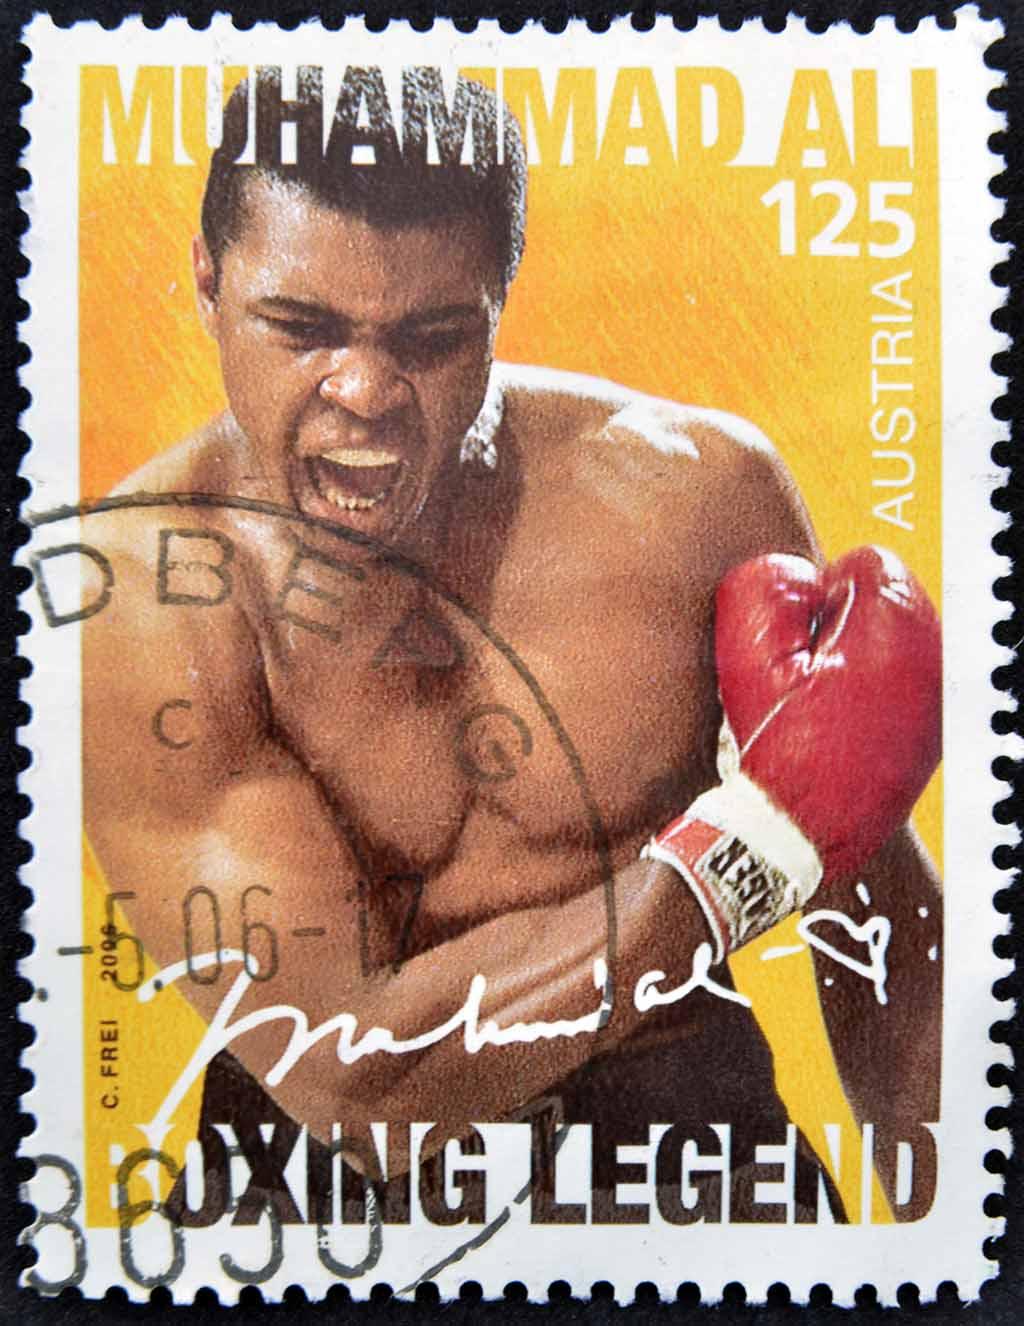 Muhammad Ali (Cassius Marcellus Clay)